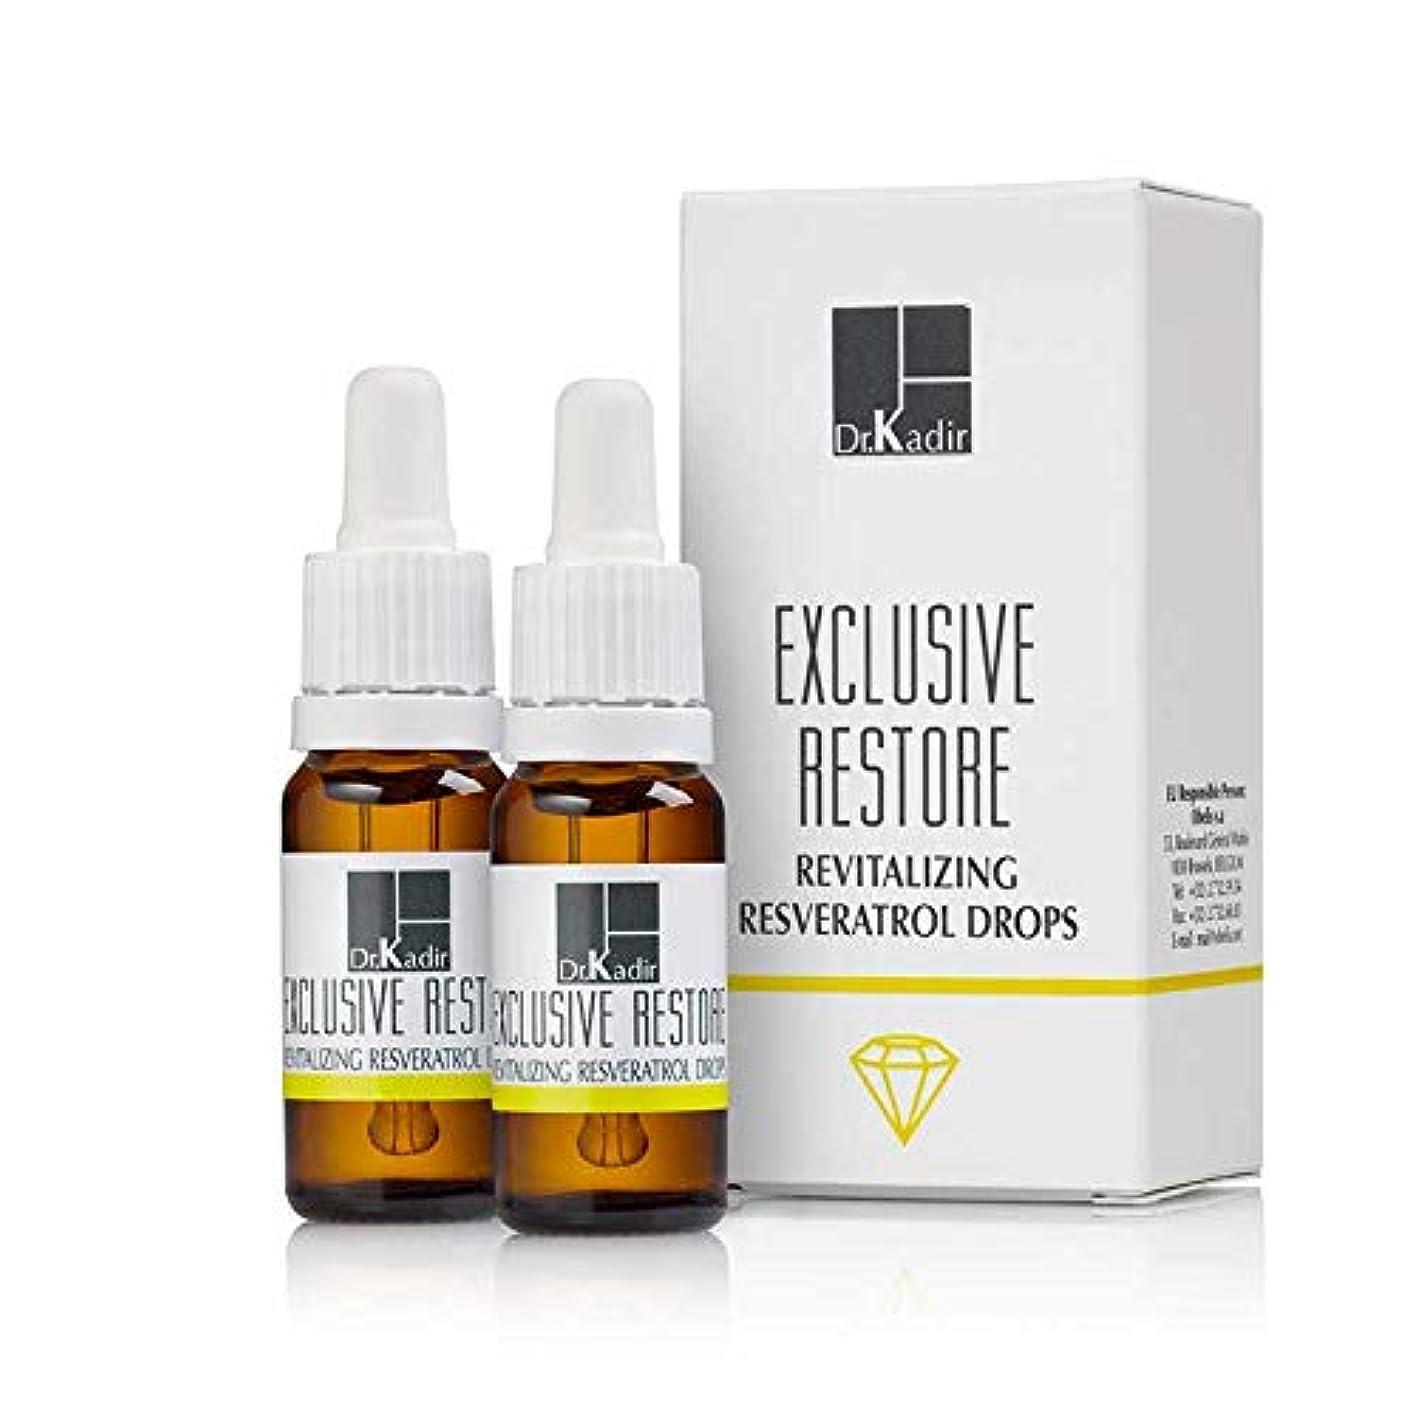 Dr. Kadir Exclusive Restore Skin Revitalizing Resveratrol Drops 2x10ml